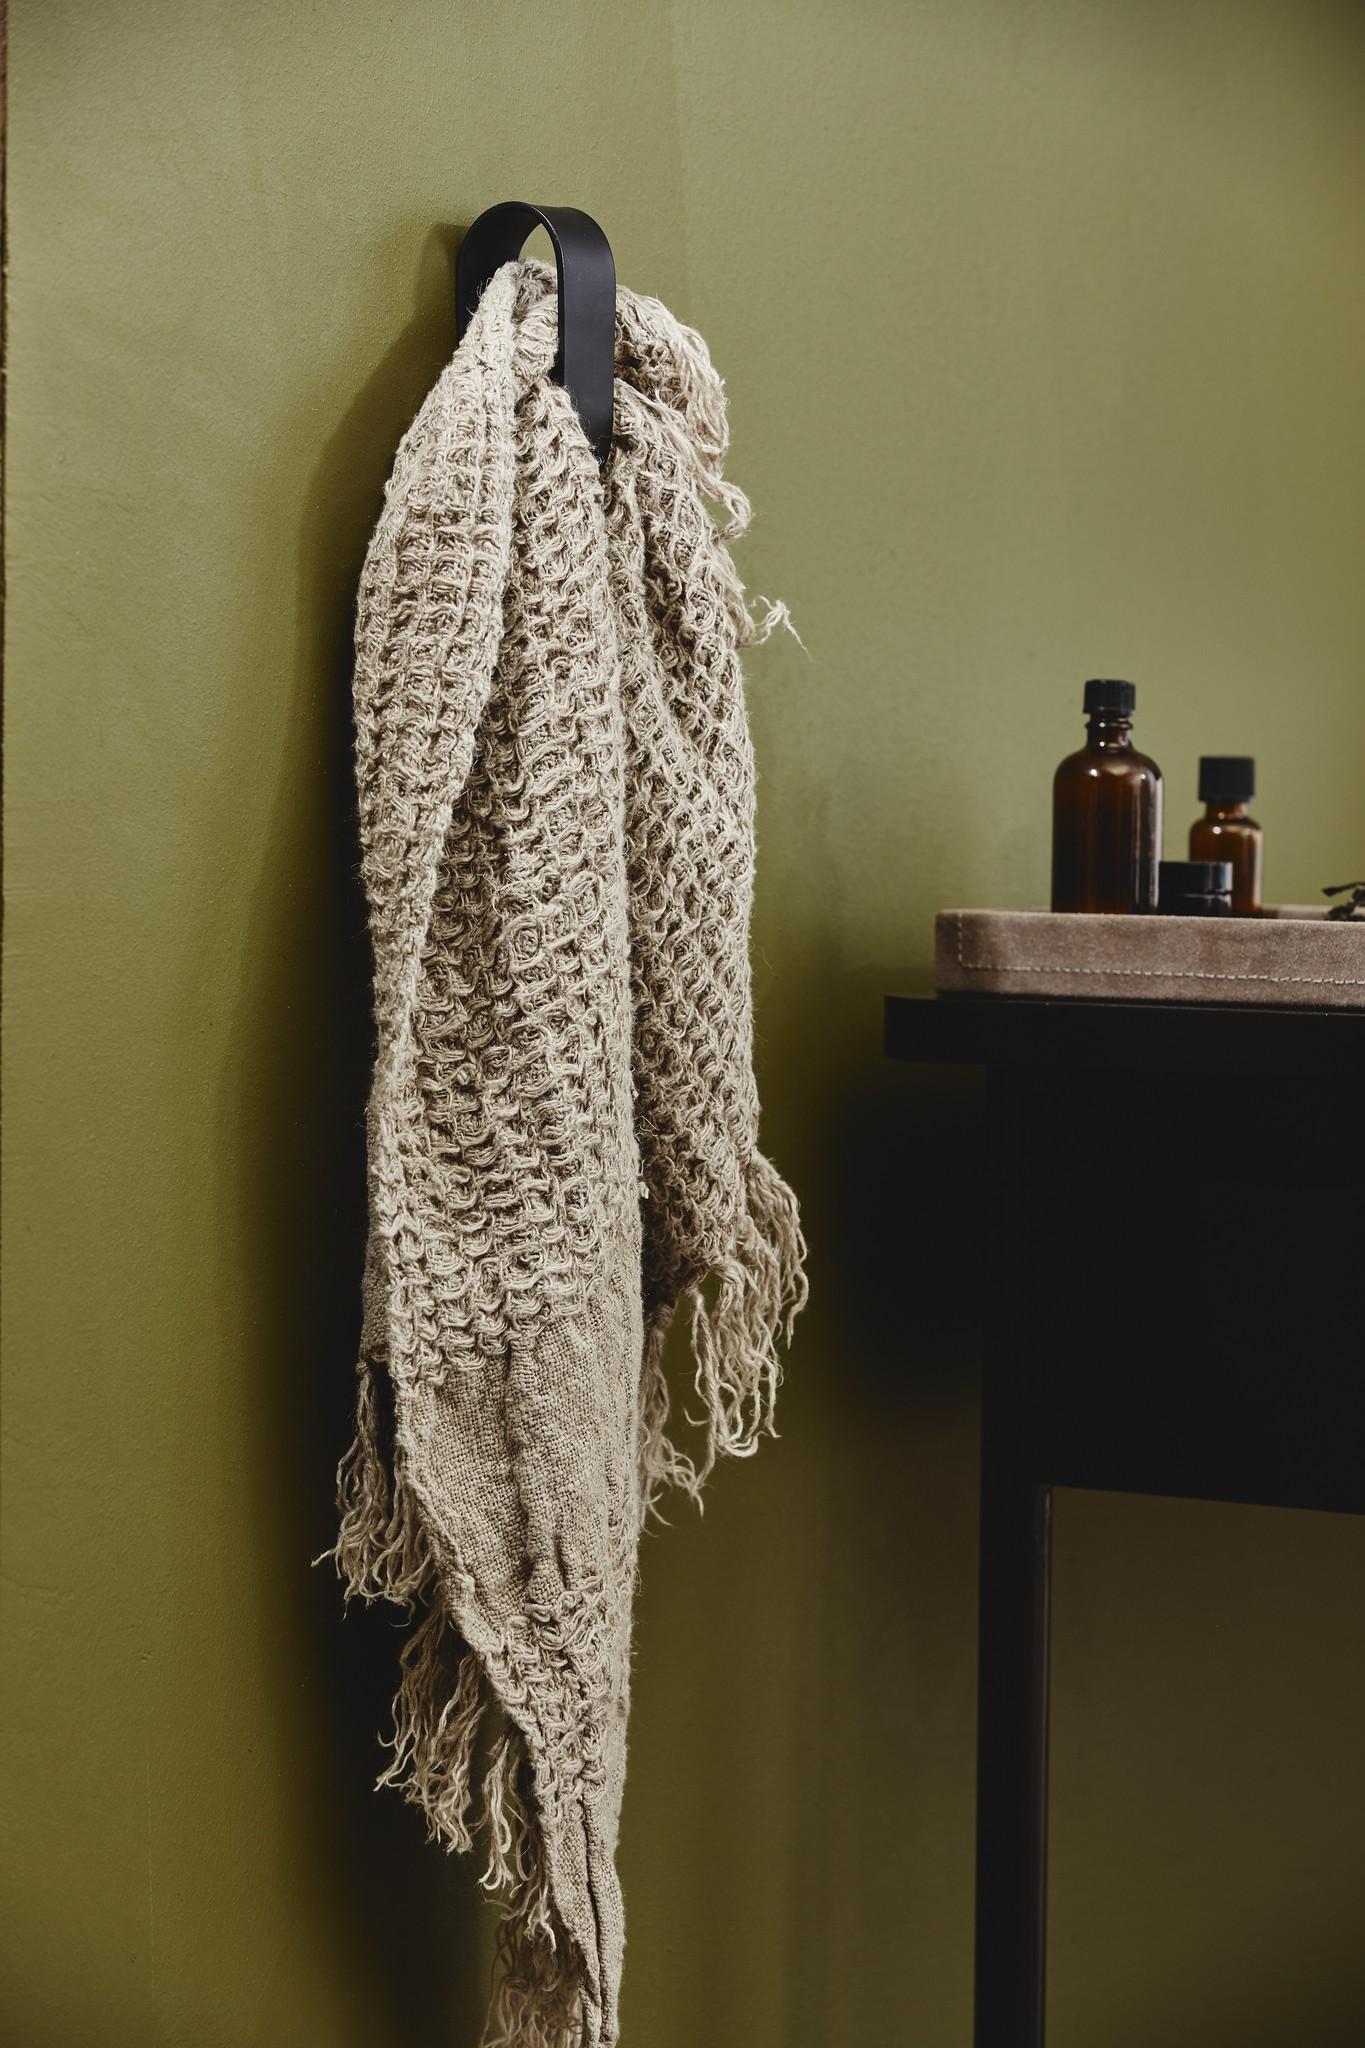 Nordal handdoek ring Sotra